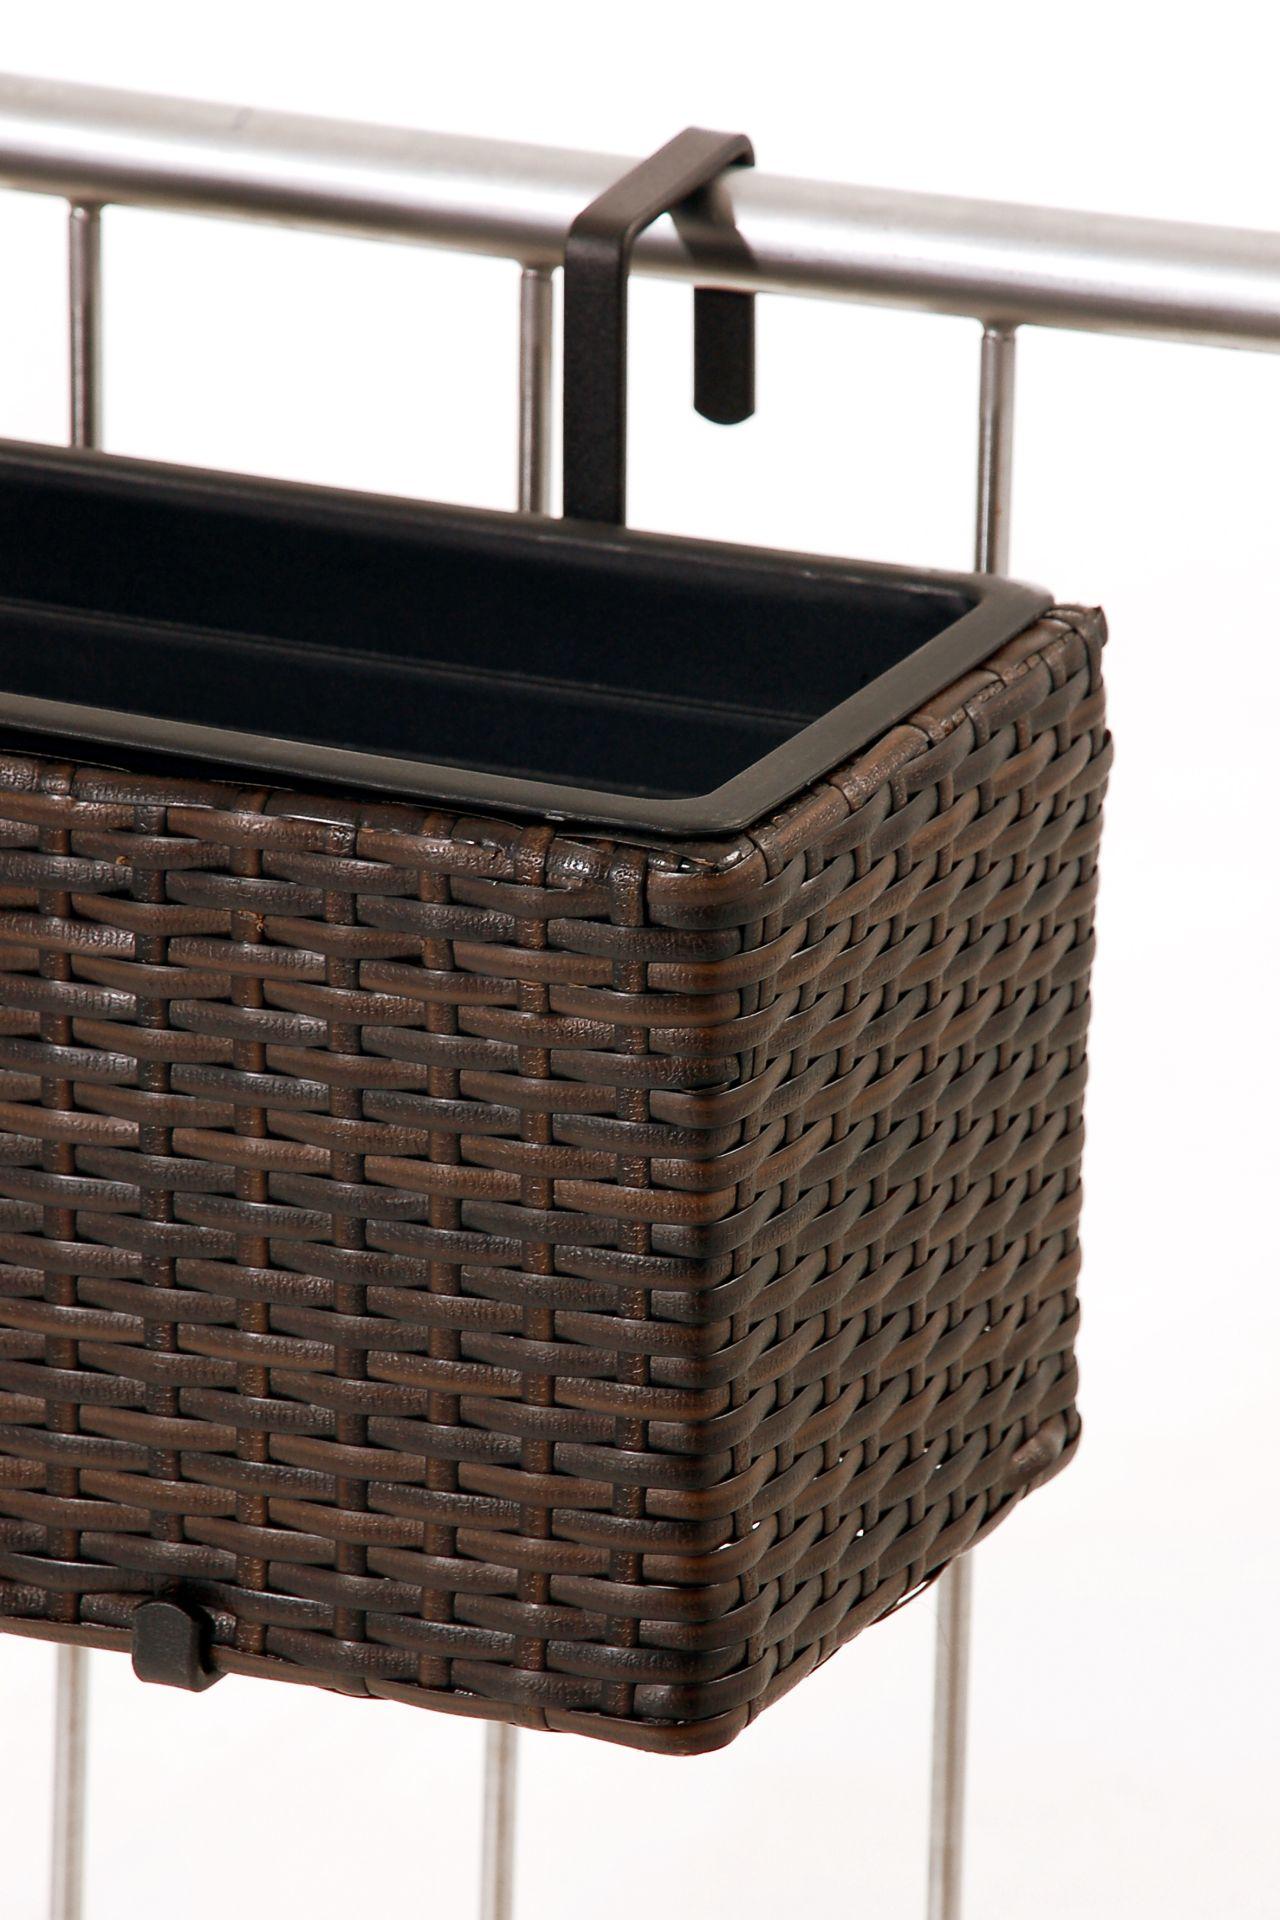 blumenkasten pflanzkasten 39 balkoni 39 polyrattan 80cm bicolor braun bew sserungset ebay. Black Bedroom Furniture Sets. Home Design Ideas